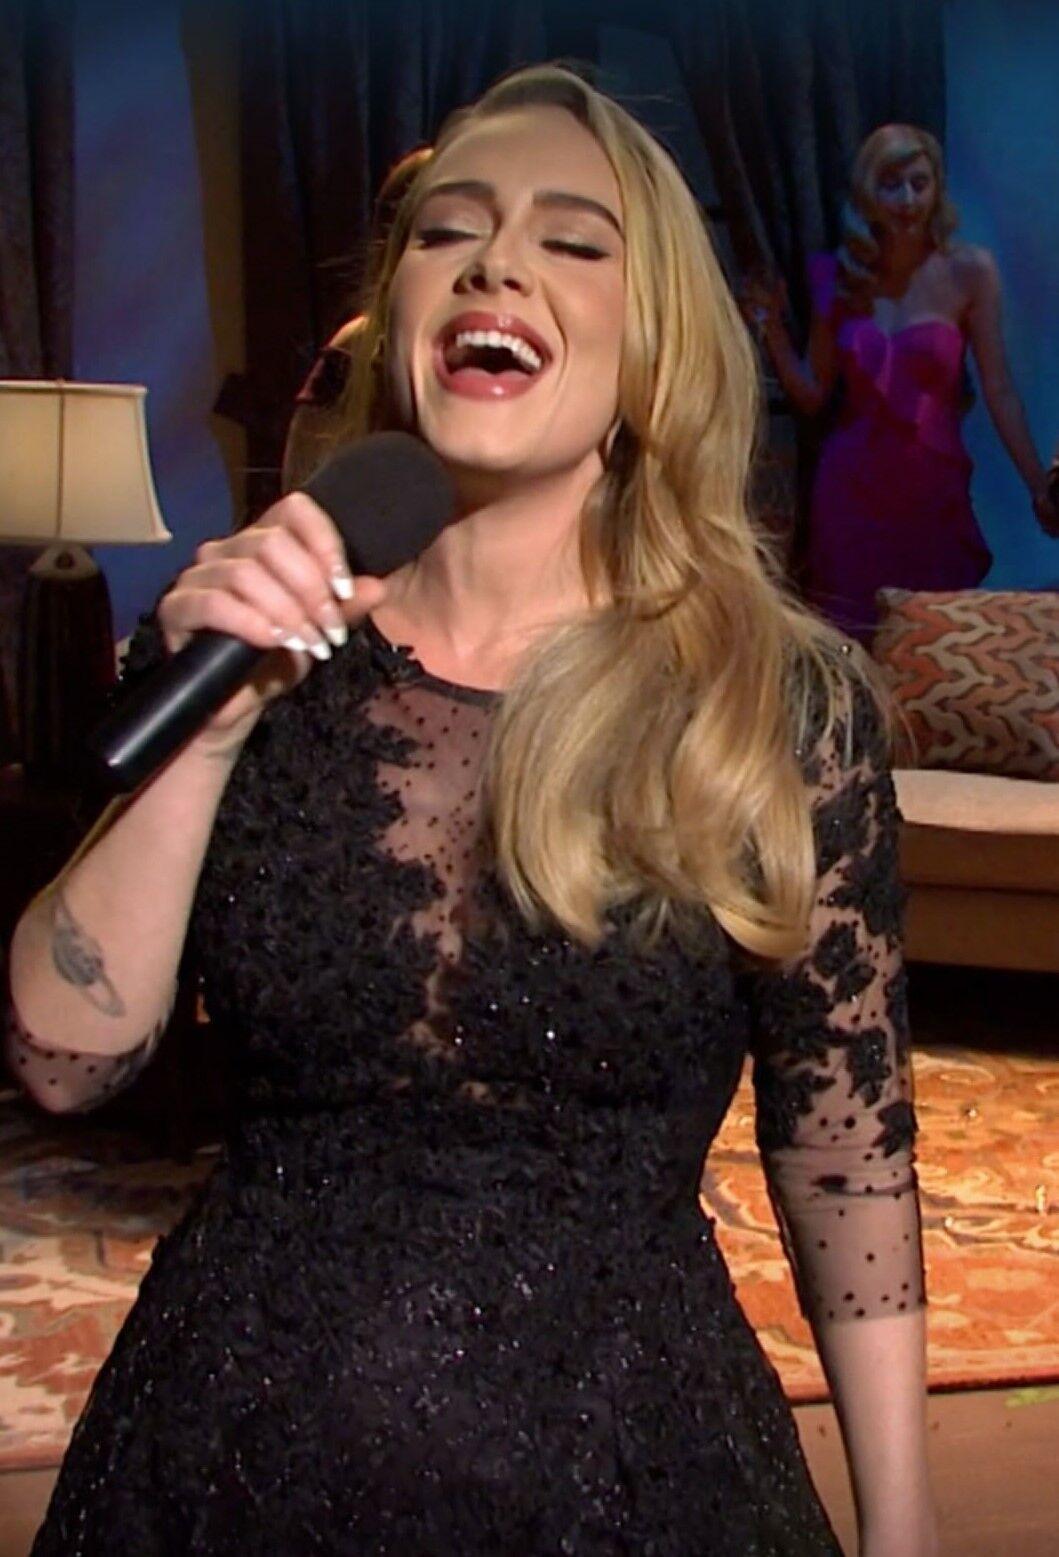 Адель з'явилася в чорному сексуальній сукні з мереживом.